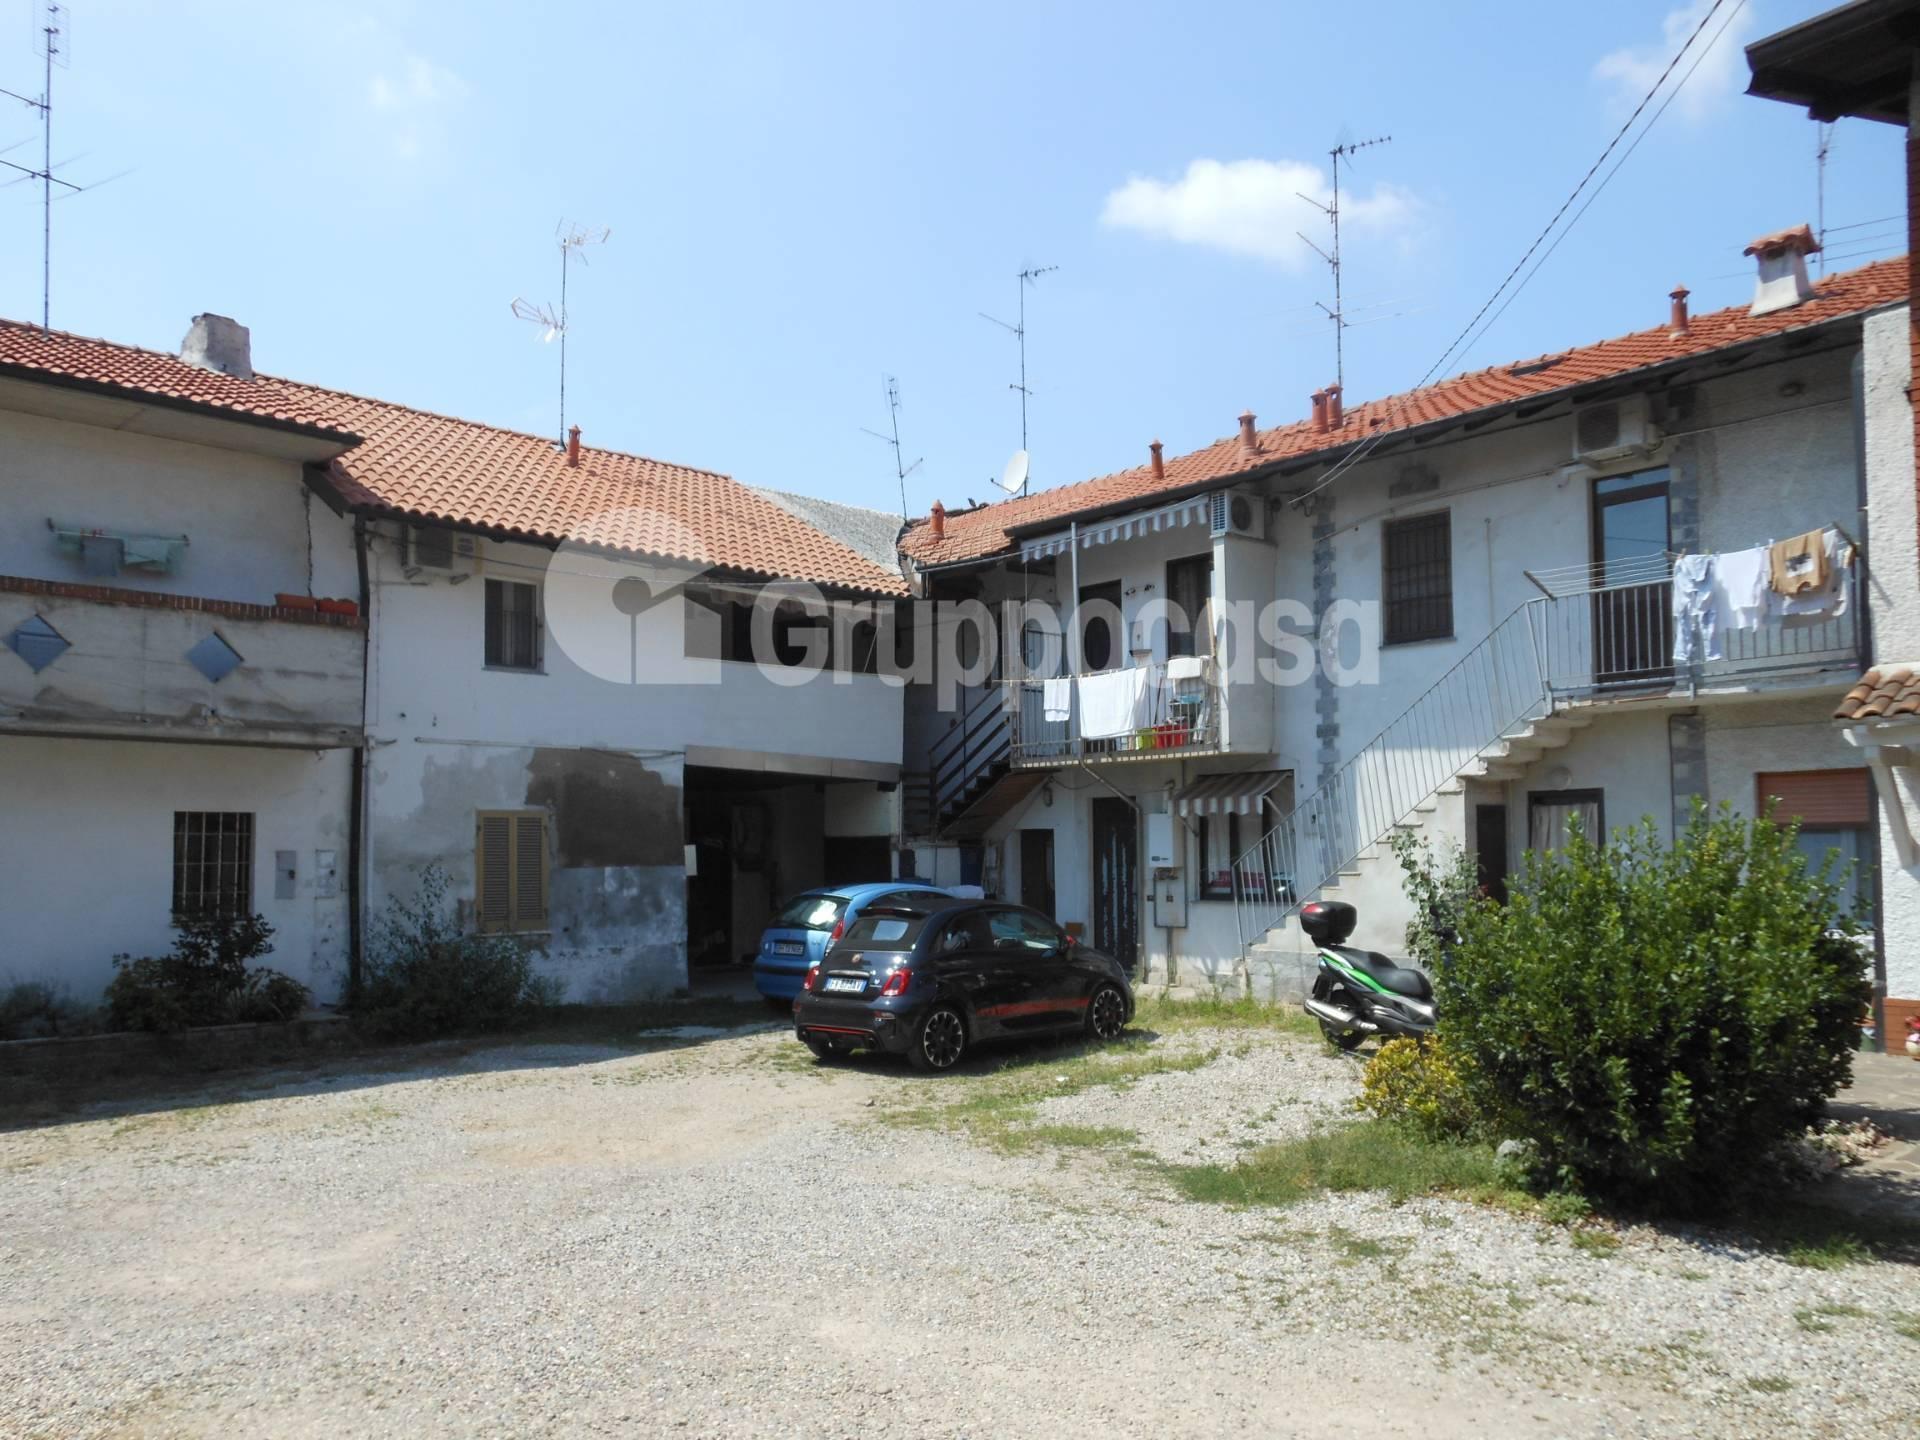 Appartamento in affitto a Mesero, 2 locali, prezzo € 420 | PortaleAgenzieImmobiliari.it